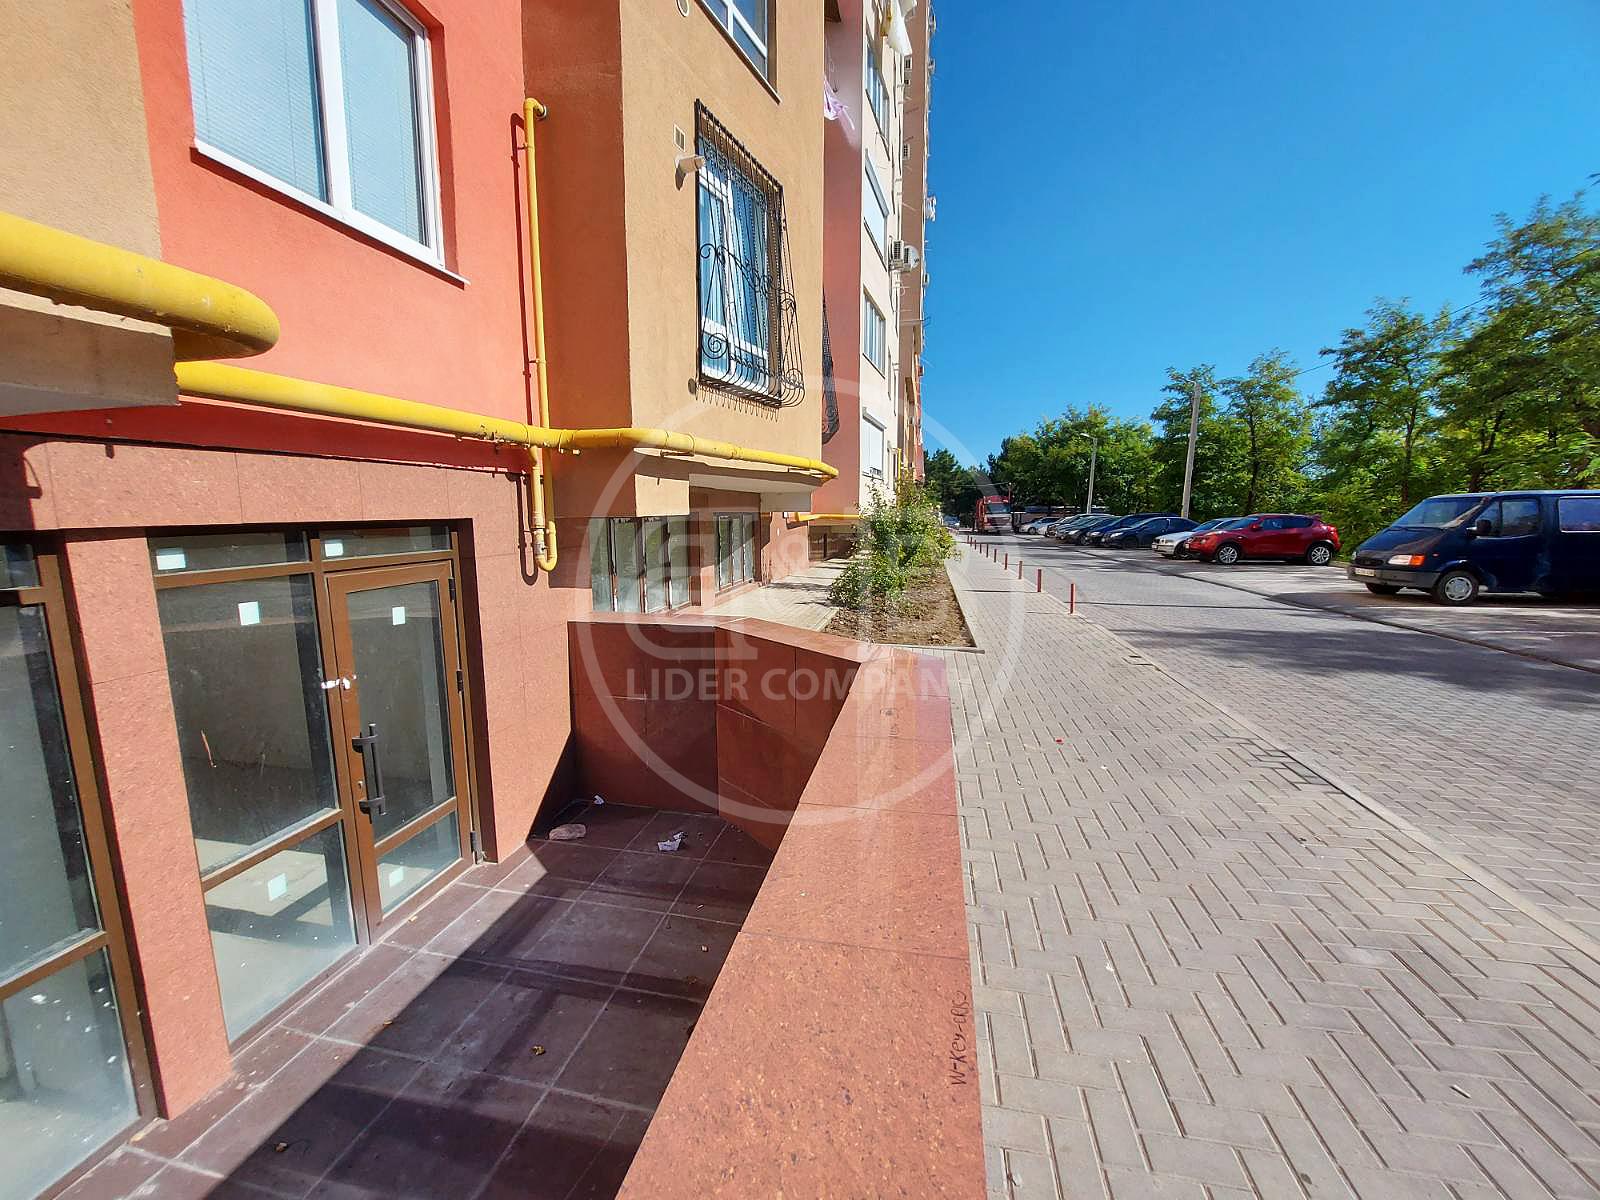 Spațiu Comercial 138,4m2! str. Ginta Latină, Ciocana, Prima linie 550 euro/m2